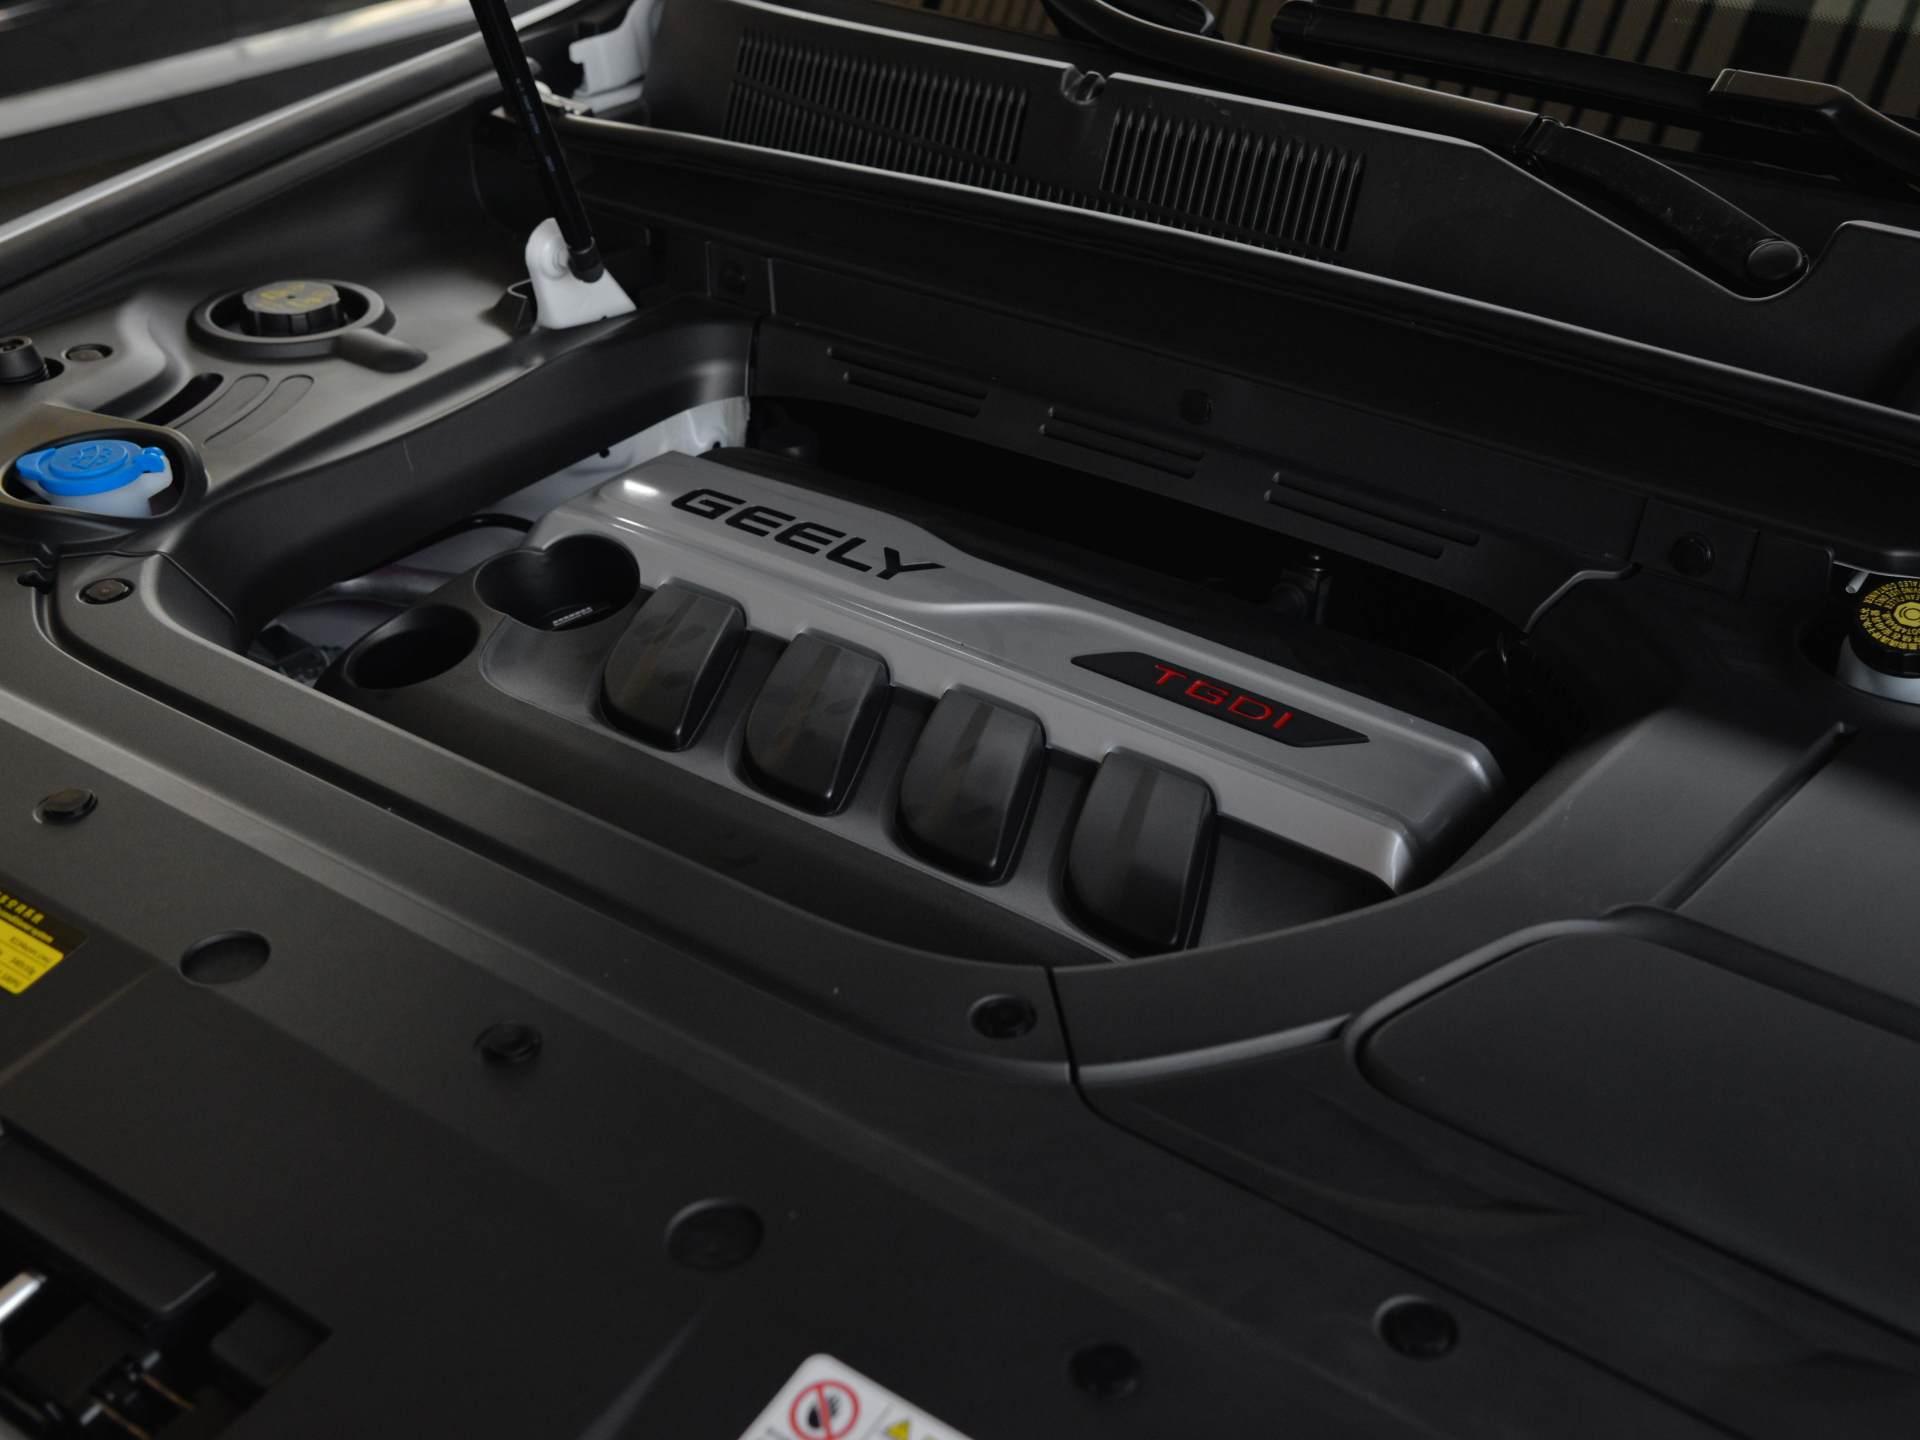 裸車10多萬入手這臺國產SUV,動力強空間大,油耗還可接受-圖6